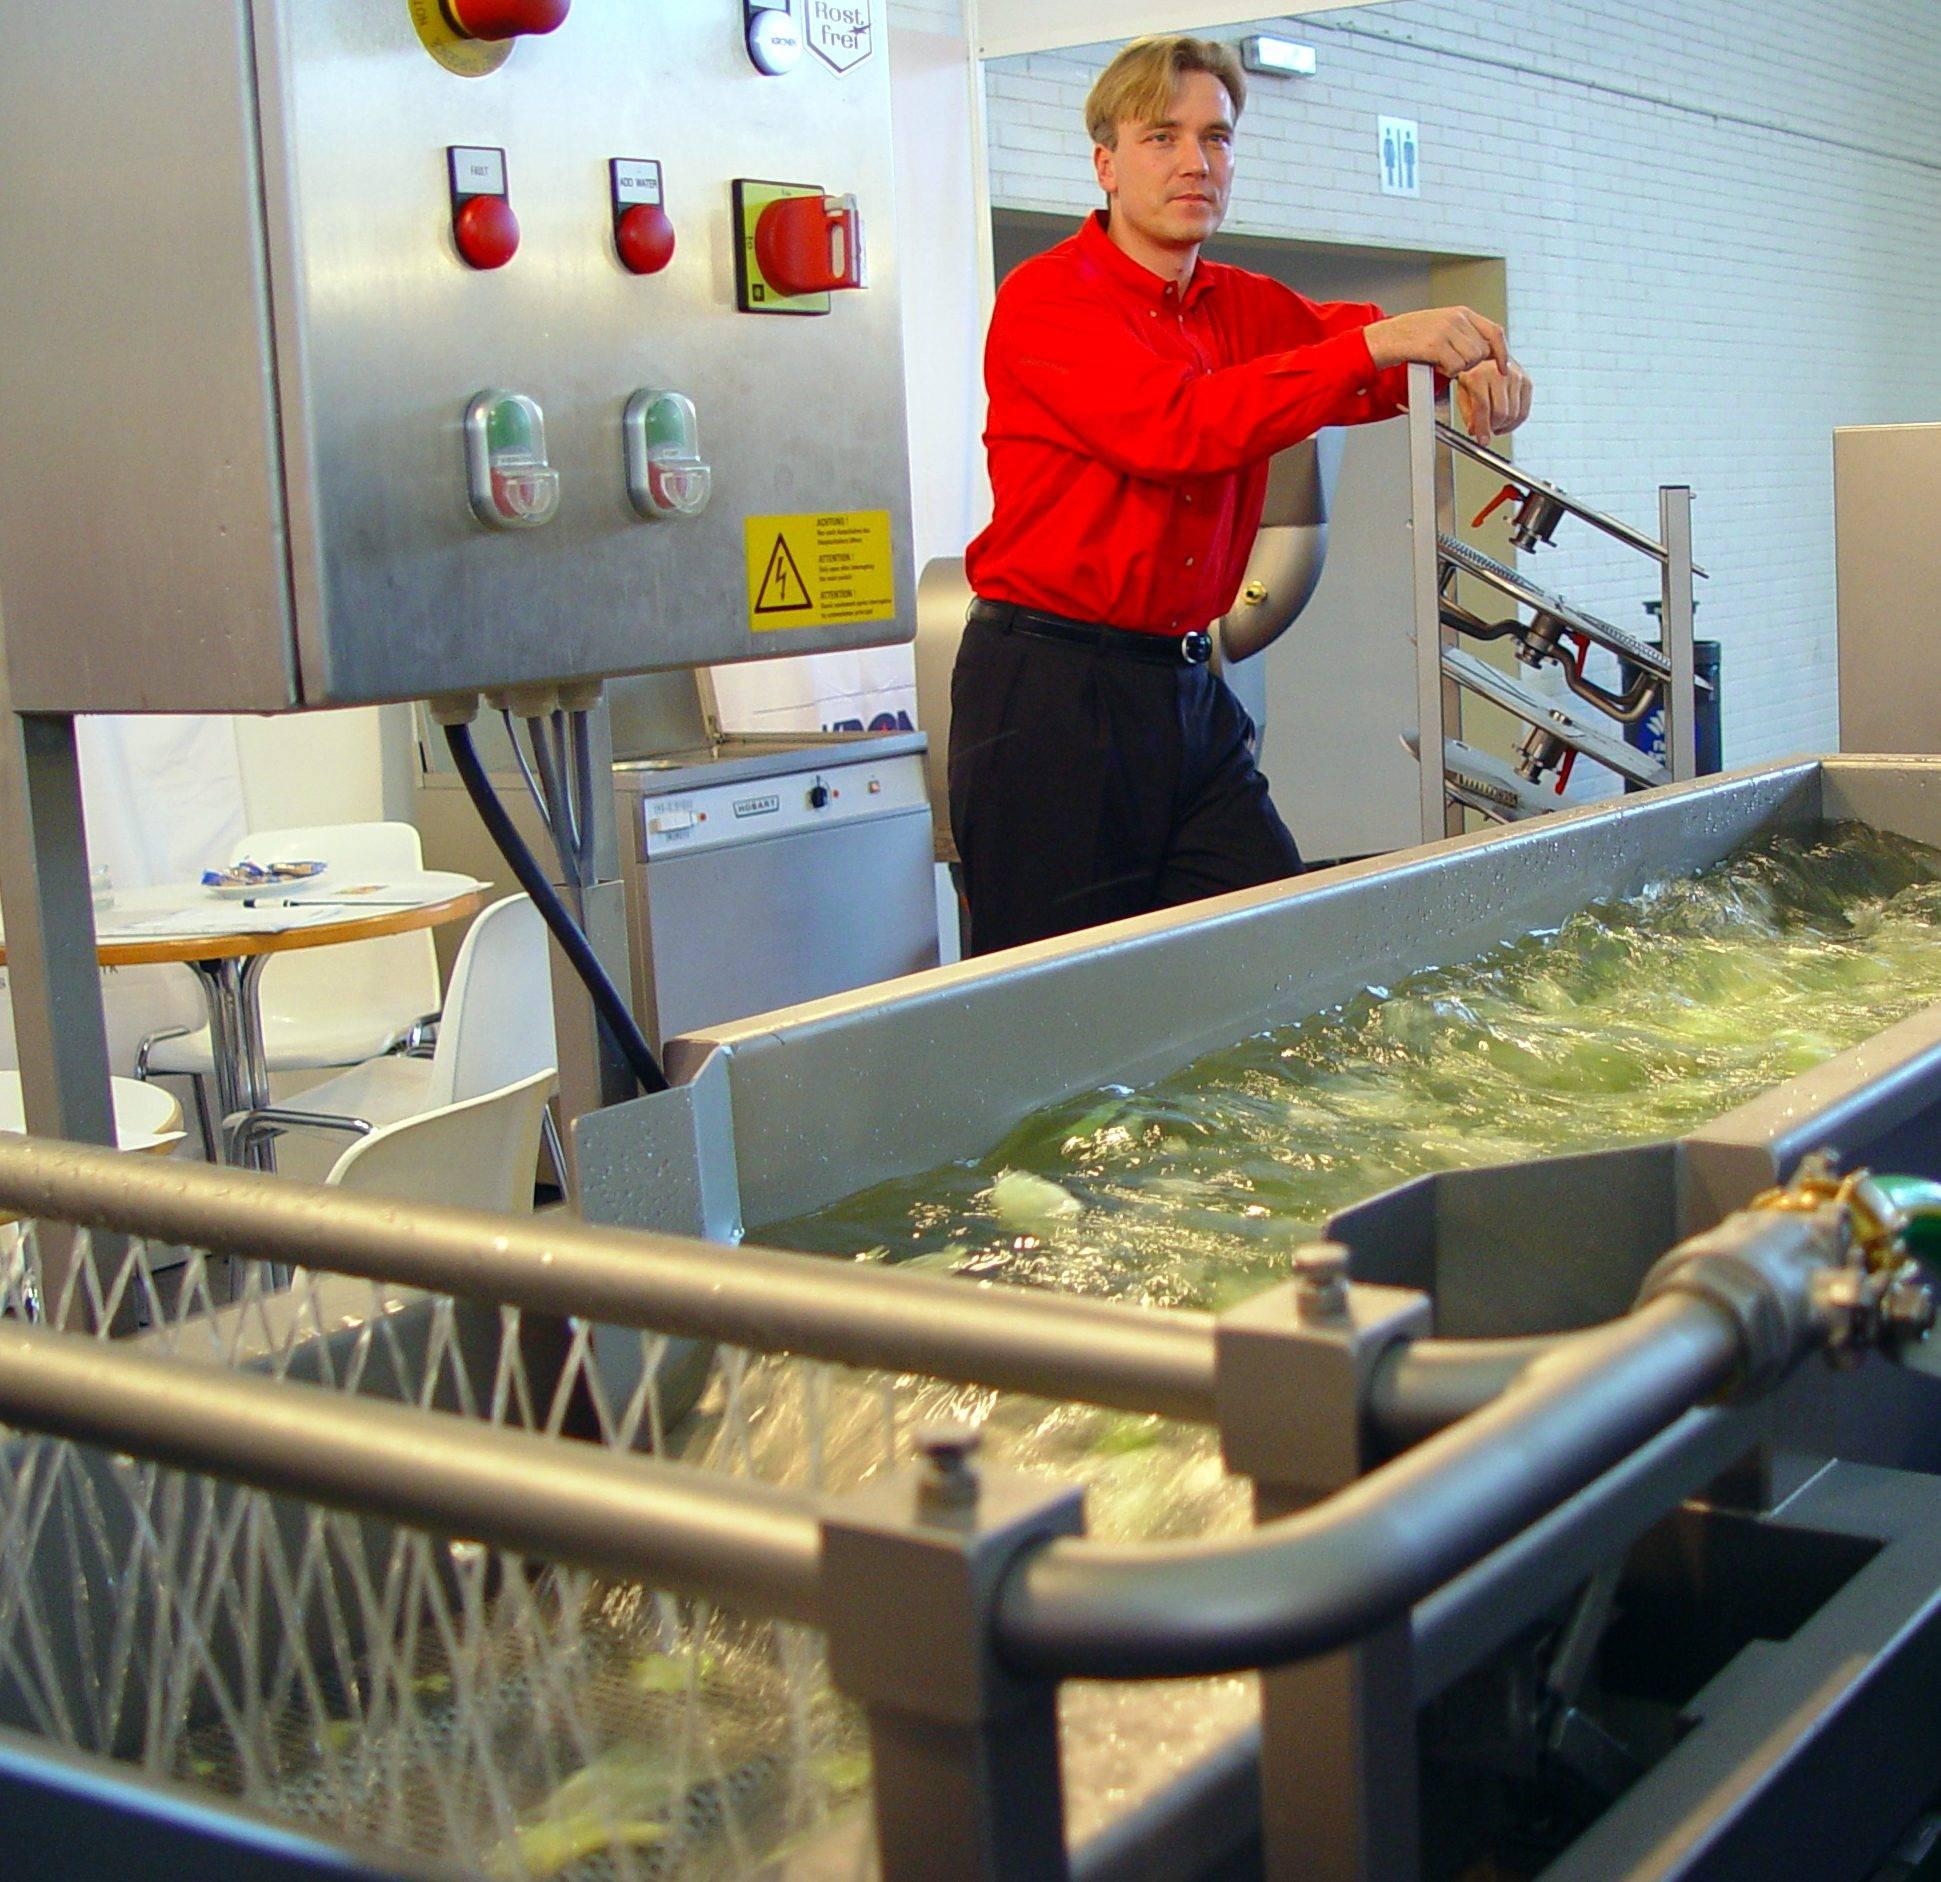 El proyecto Eco3Wash una iniciativa para mayor eco eficiencia hídrica en la industria hortofrutícola